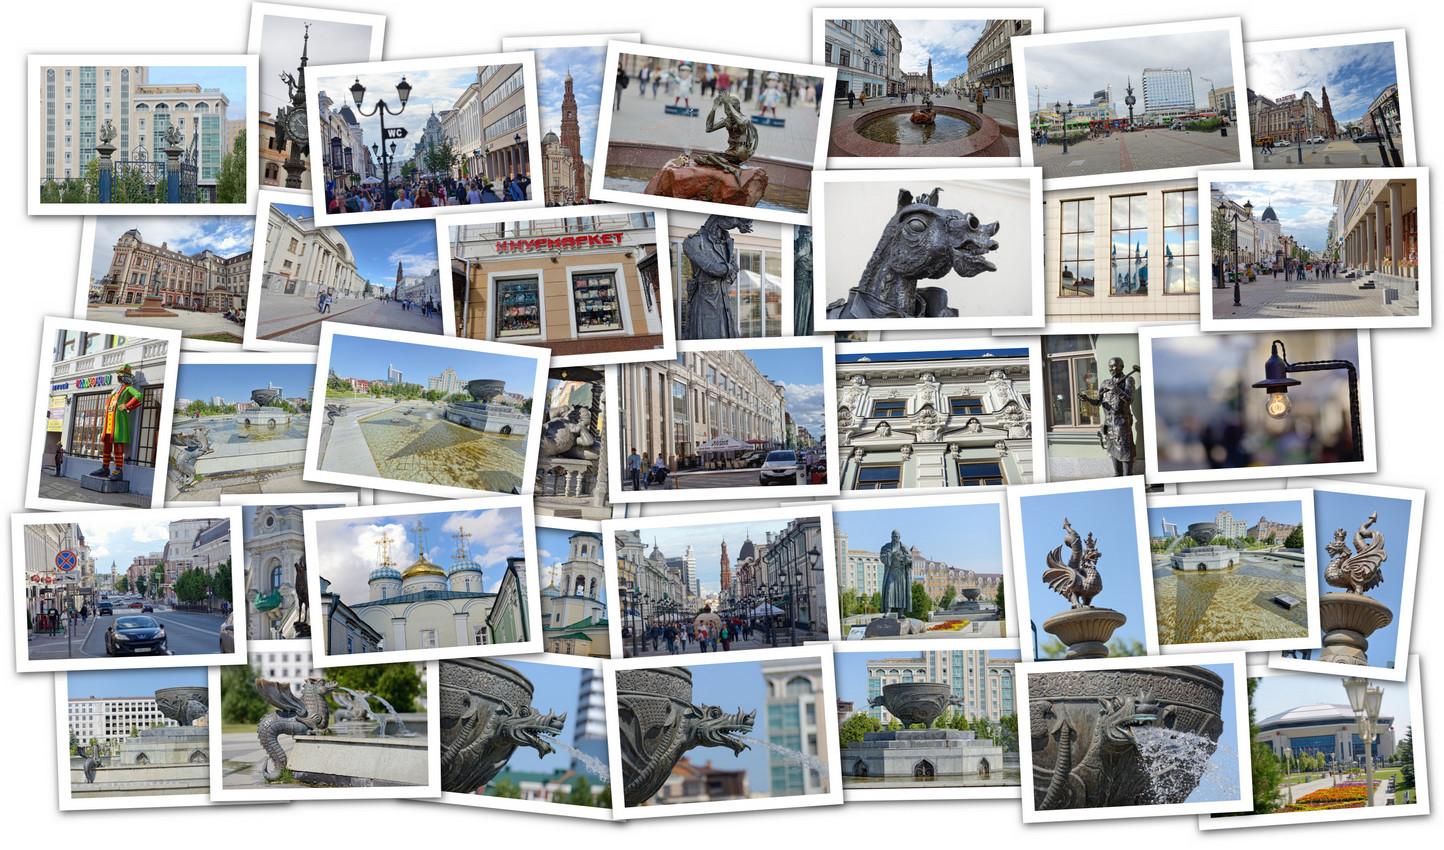 APC_Collage - 2021.05.27 06.36 - 001